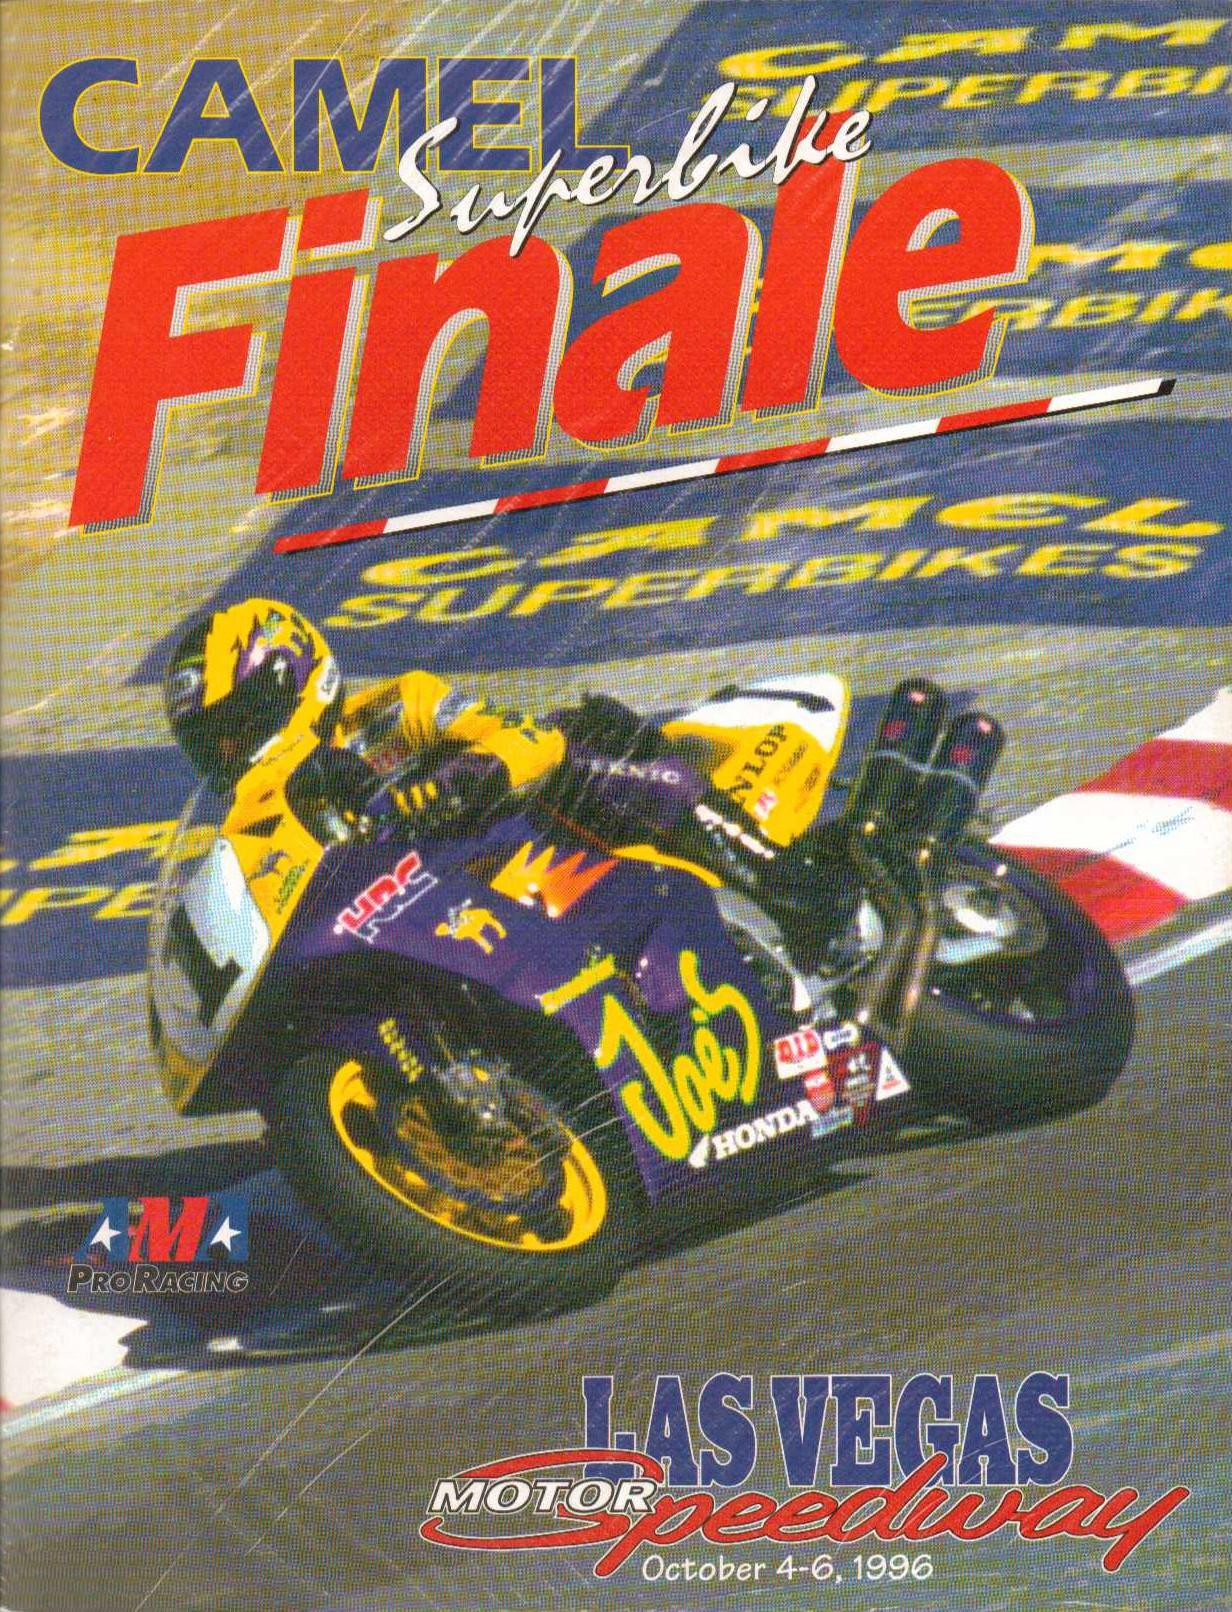 Las vegas motor speedway the motor racing programme for Las vegas motor speed way